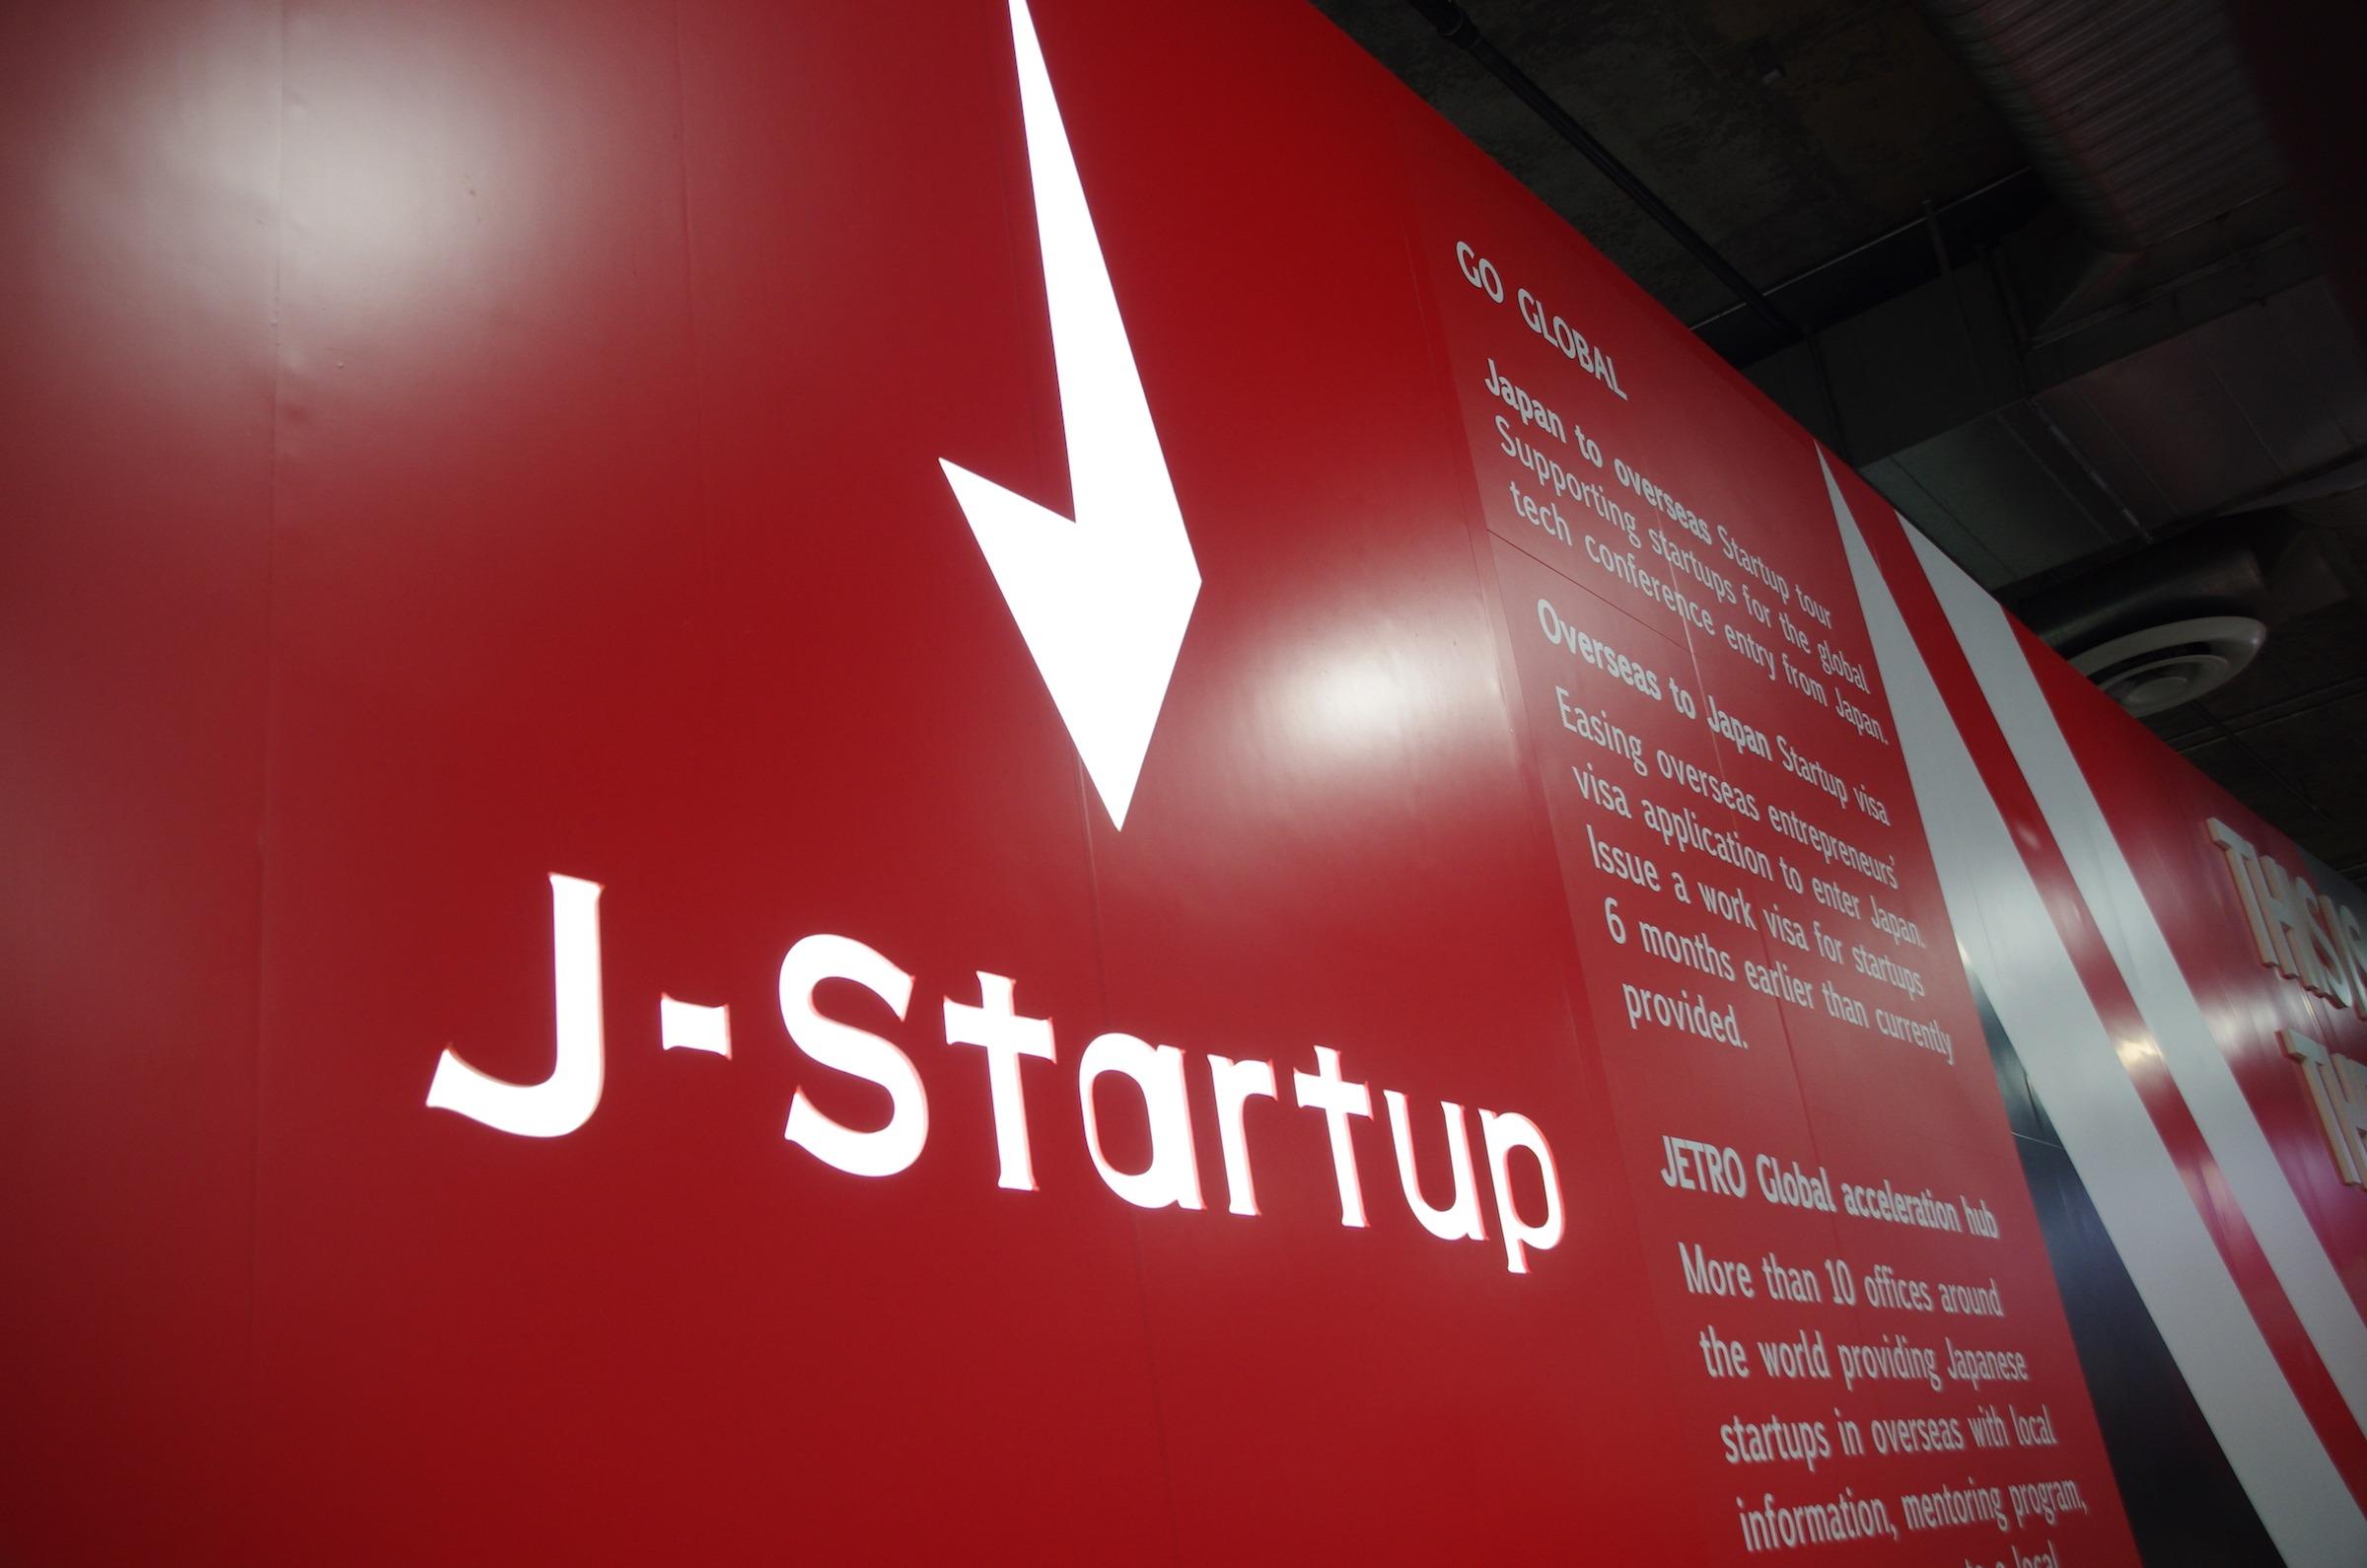 J-Startupの展示エリアにて